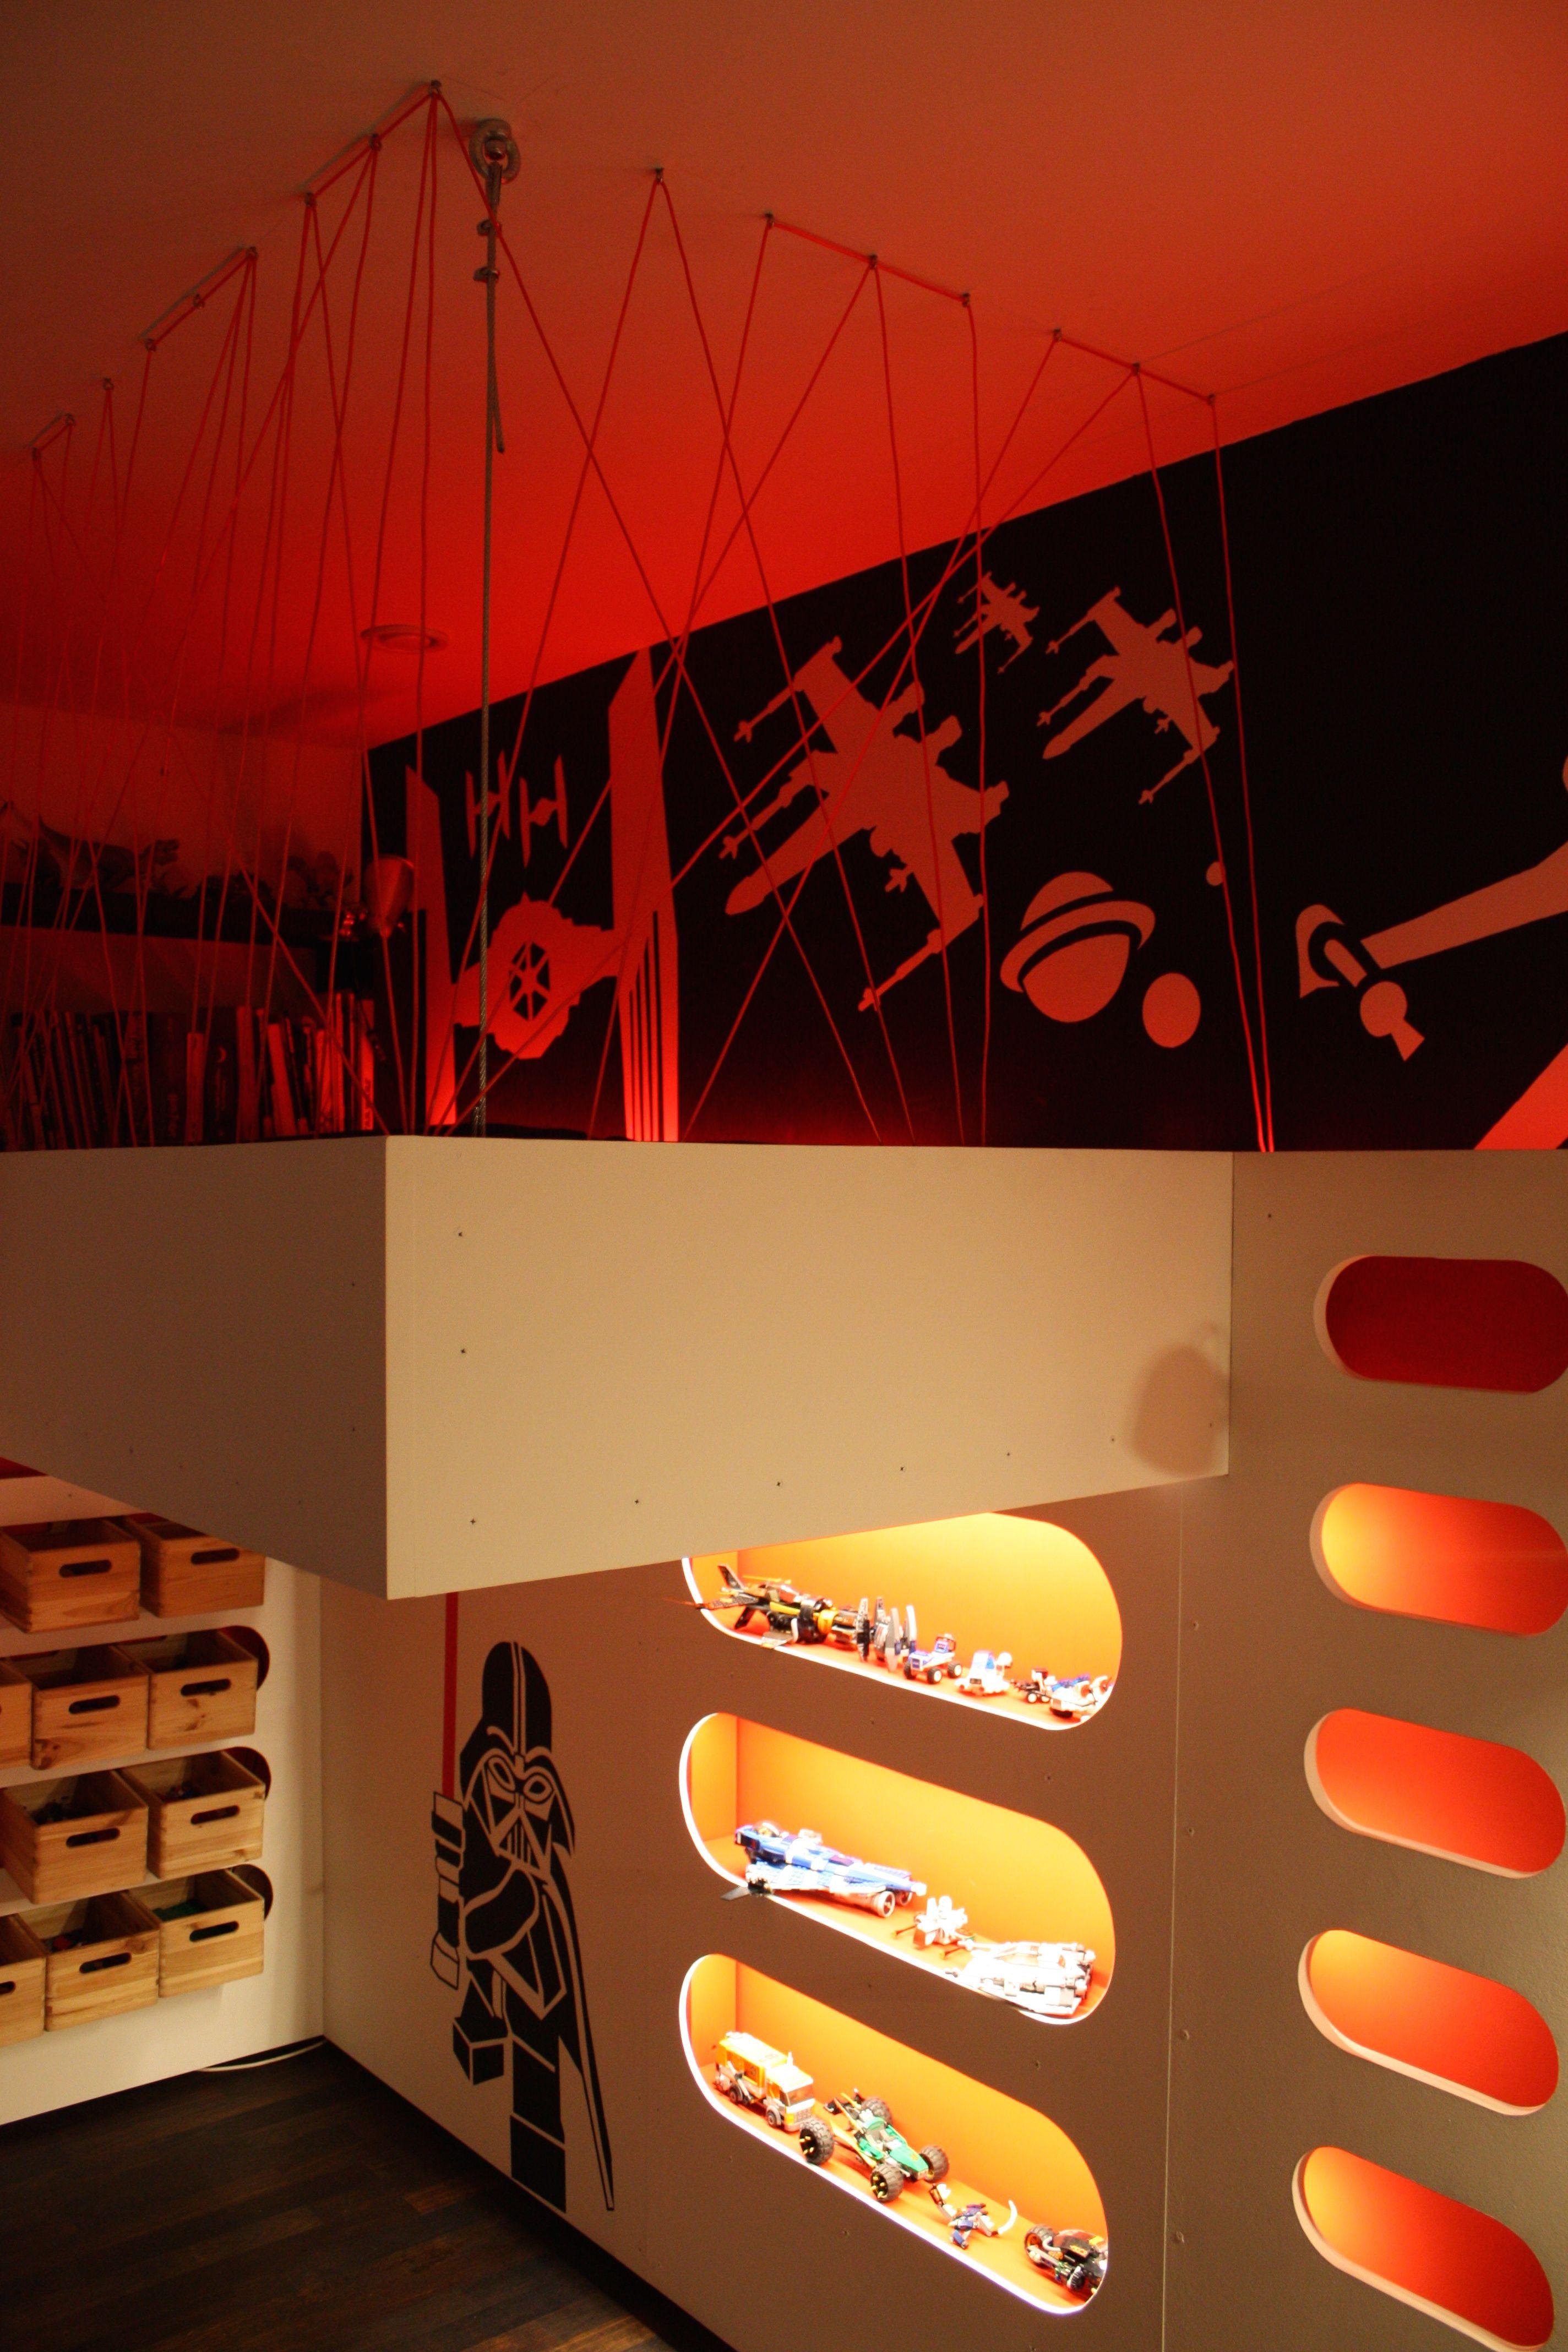 Kinderzimmer Star Wars Indirekte Beleuchtung Vorwandinstallation Kosmos Weltall Flugzeuge Hochbett Mit Bildern Star Wars Kinderzimmer Kinder Zimmer Kinderzimmer